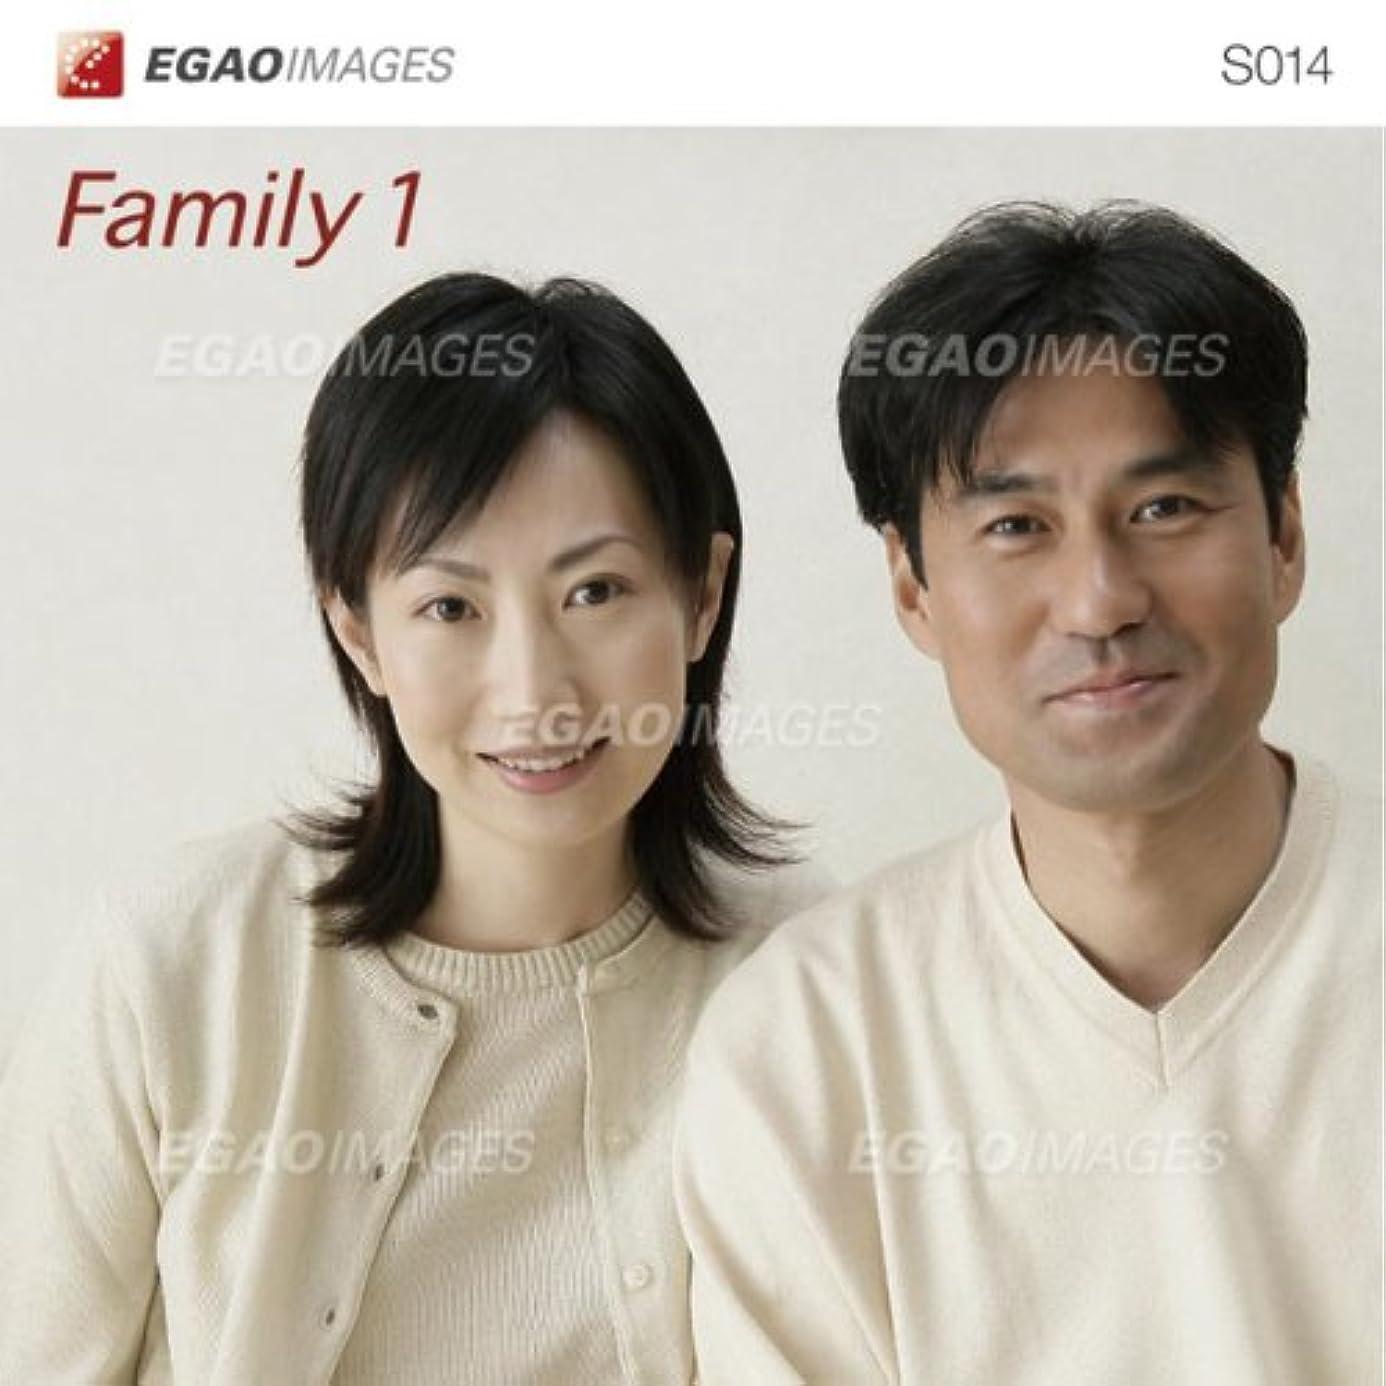 ご予約デイジーコイルEGAOIMAGES S014 家族「ファミリー1」